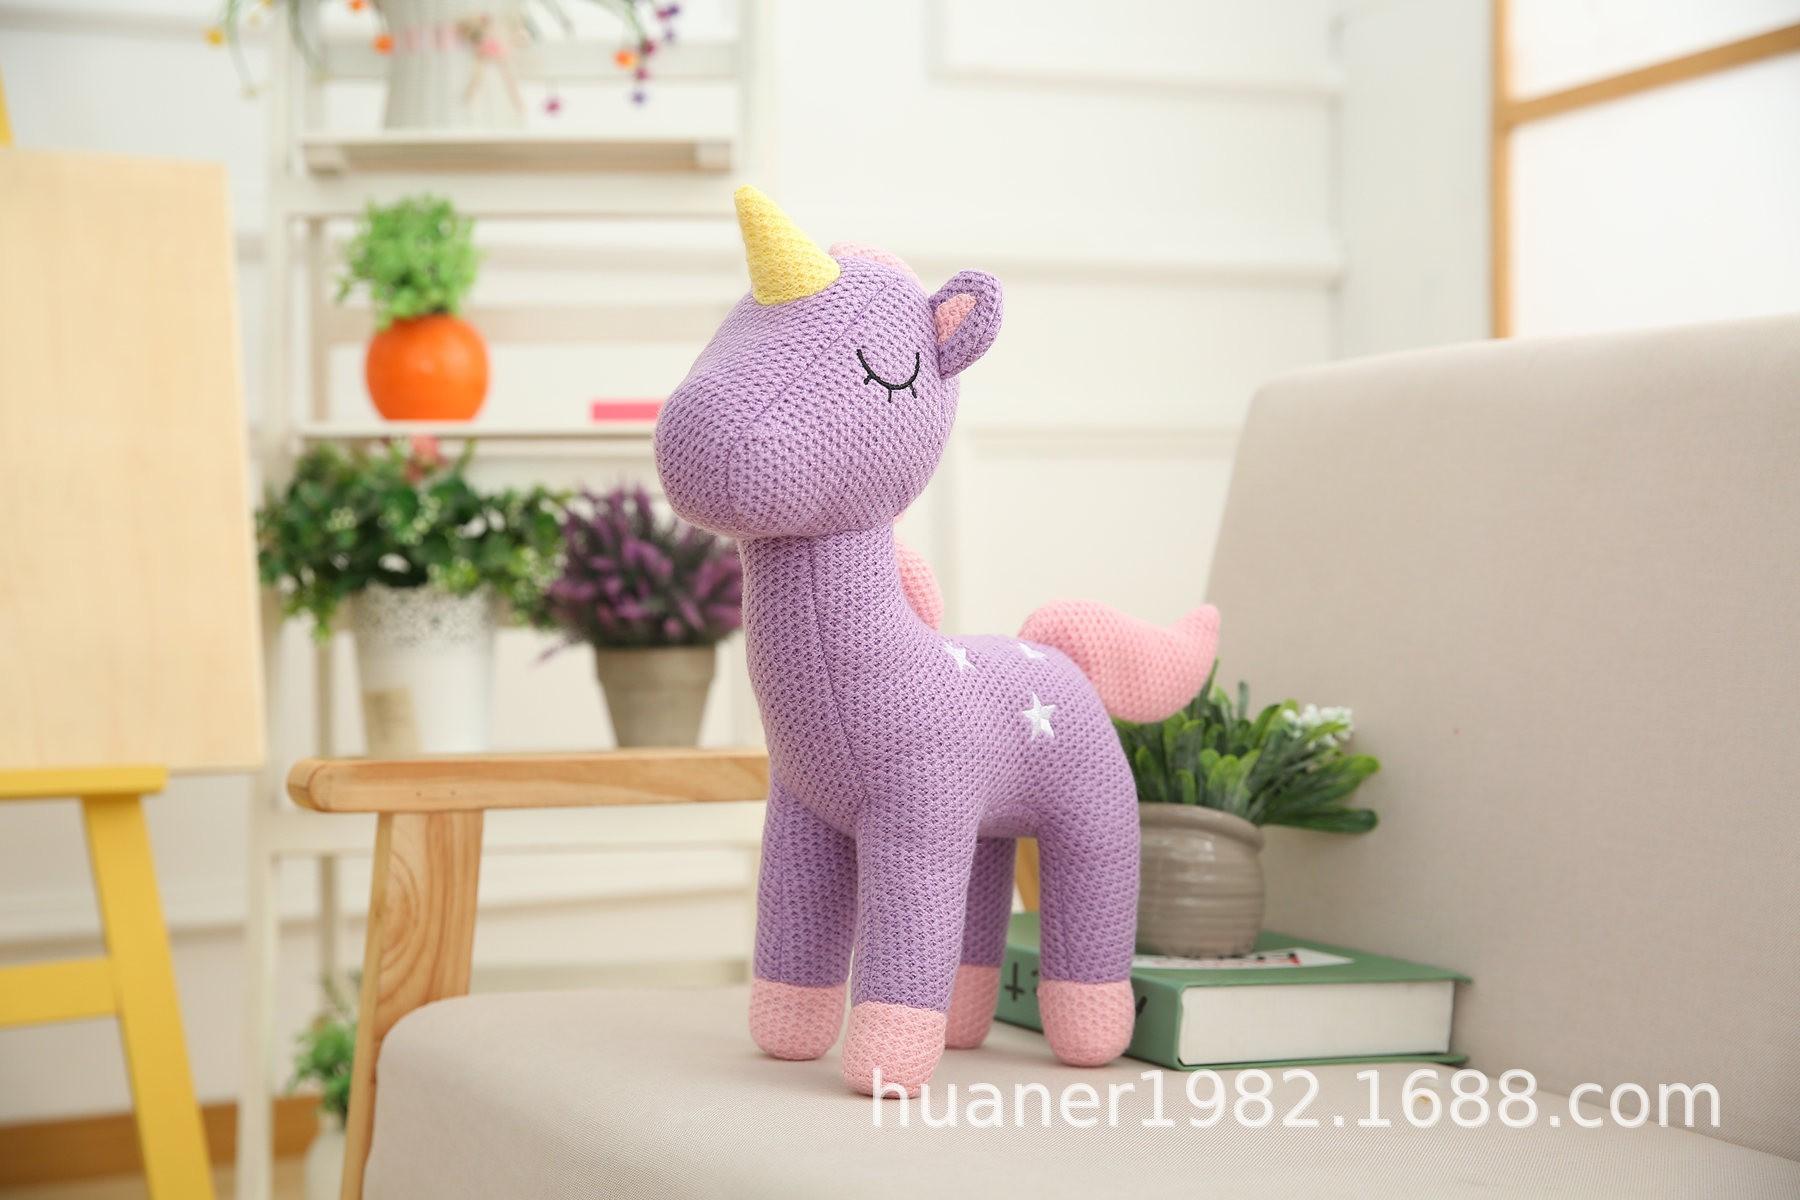 Gối Ôm Hình Ngựa Pony Dễ Thương Xinh Xắn Cao Cấp